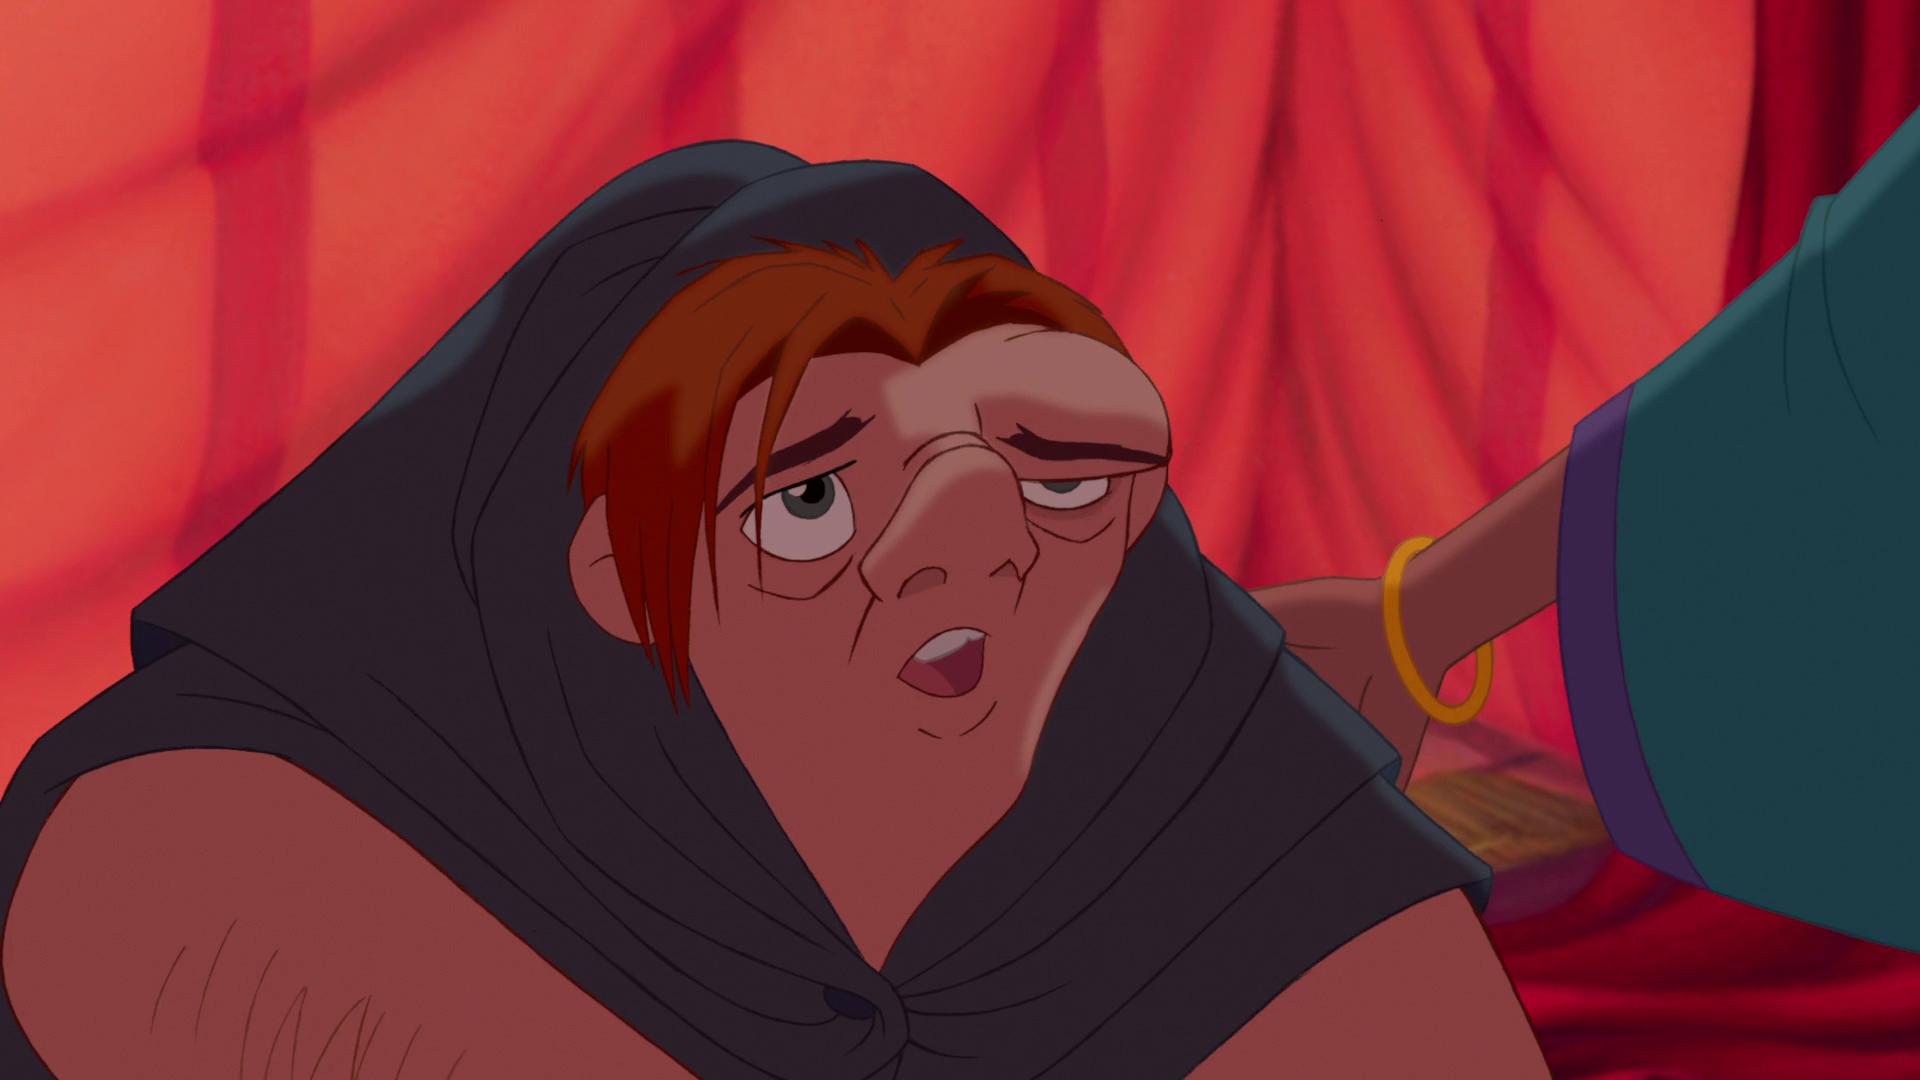 Quasimodo Disney Image - Quasimodo 44.P...